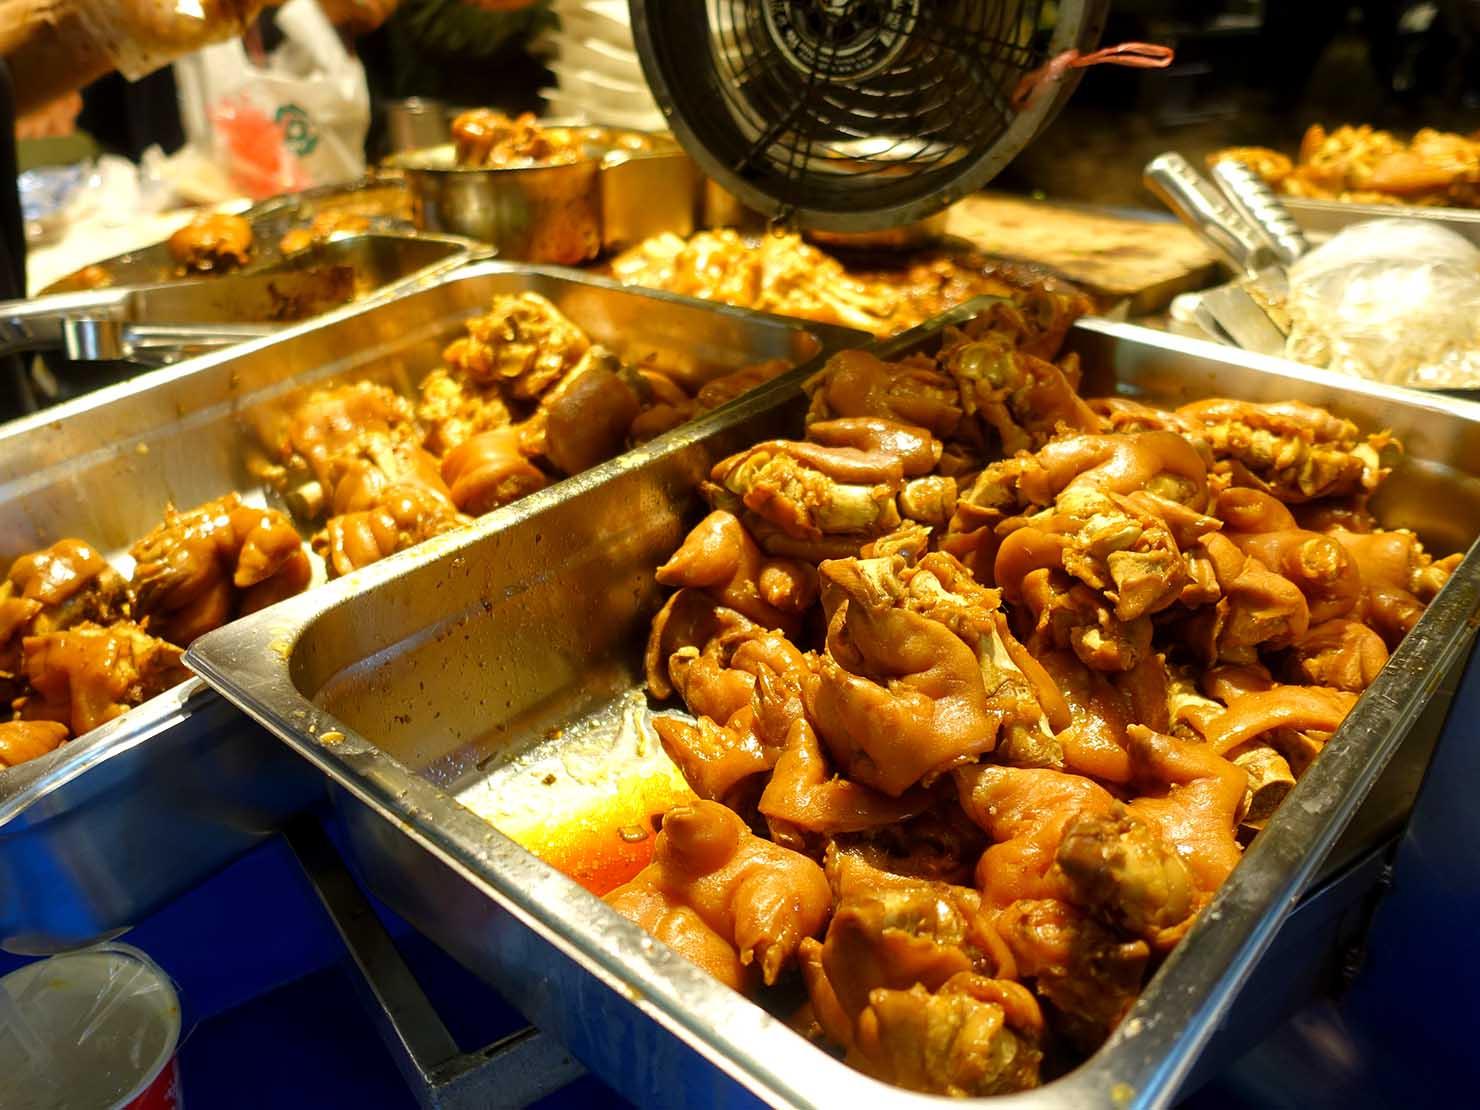 台北・松江南京駅(四平街商圈)周辺のおすすめグルメ店「富霸王豬腳」の軒先に並ぶ豚足